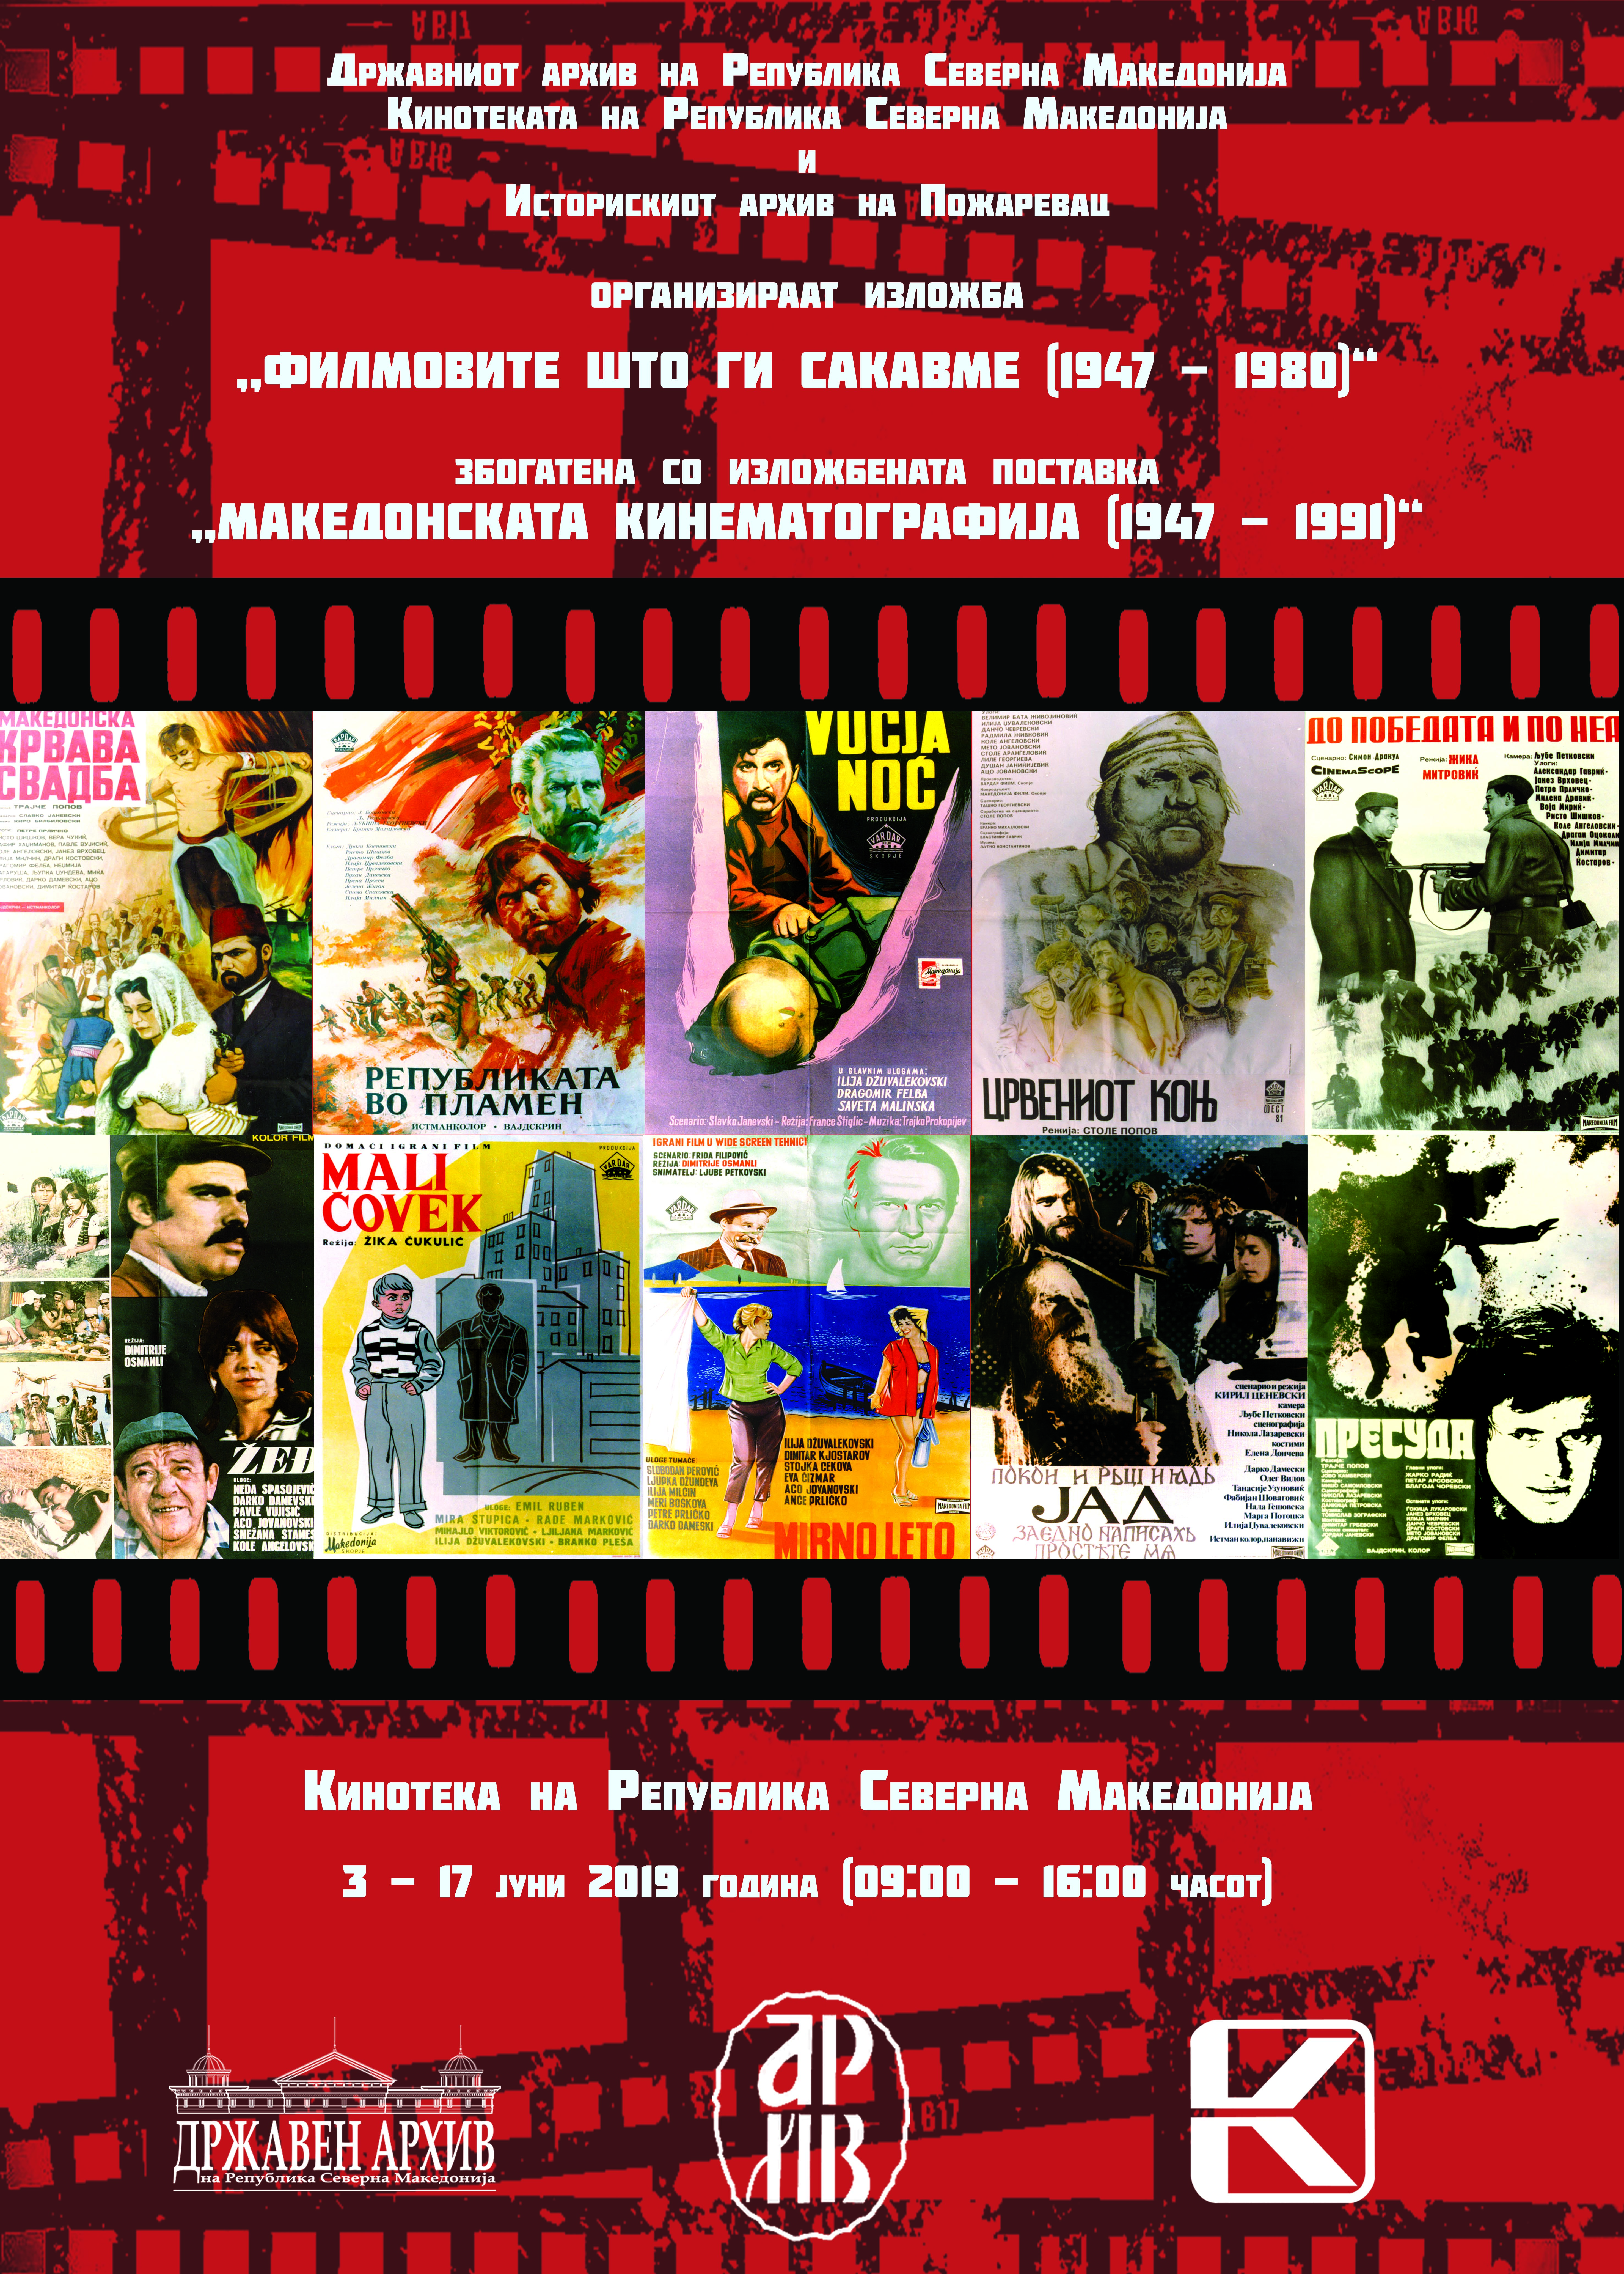 """Отворање на изложбата """"Филмовите што ги сакавме (1947 – 1980)"""", дополнета со изложбена поставка со наслов """"Македонската кинематографија (1947 – 1991)"""""""